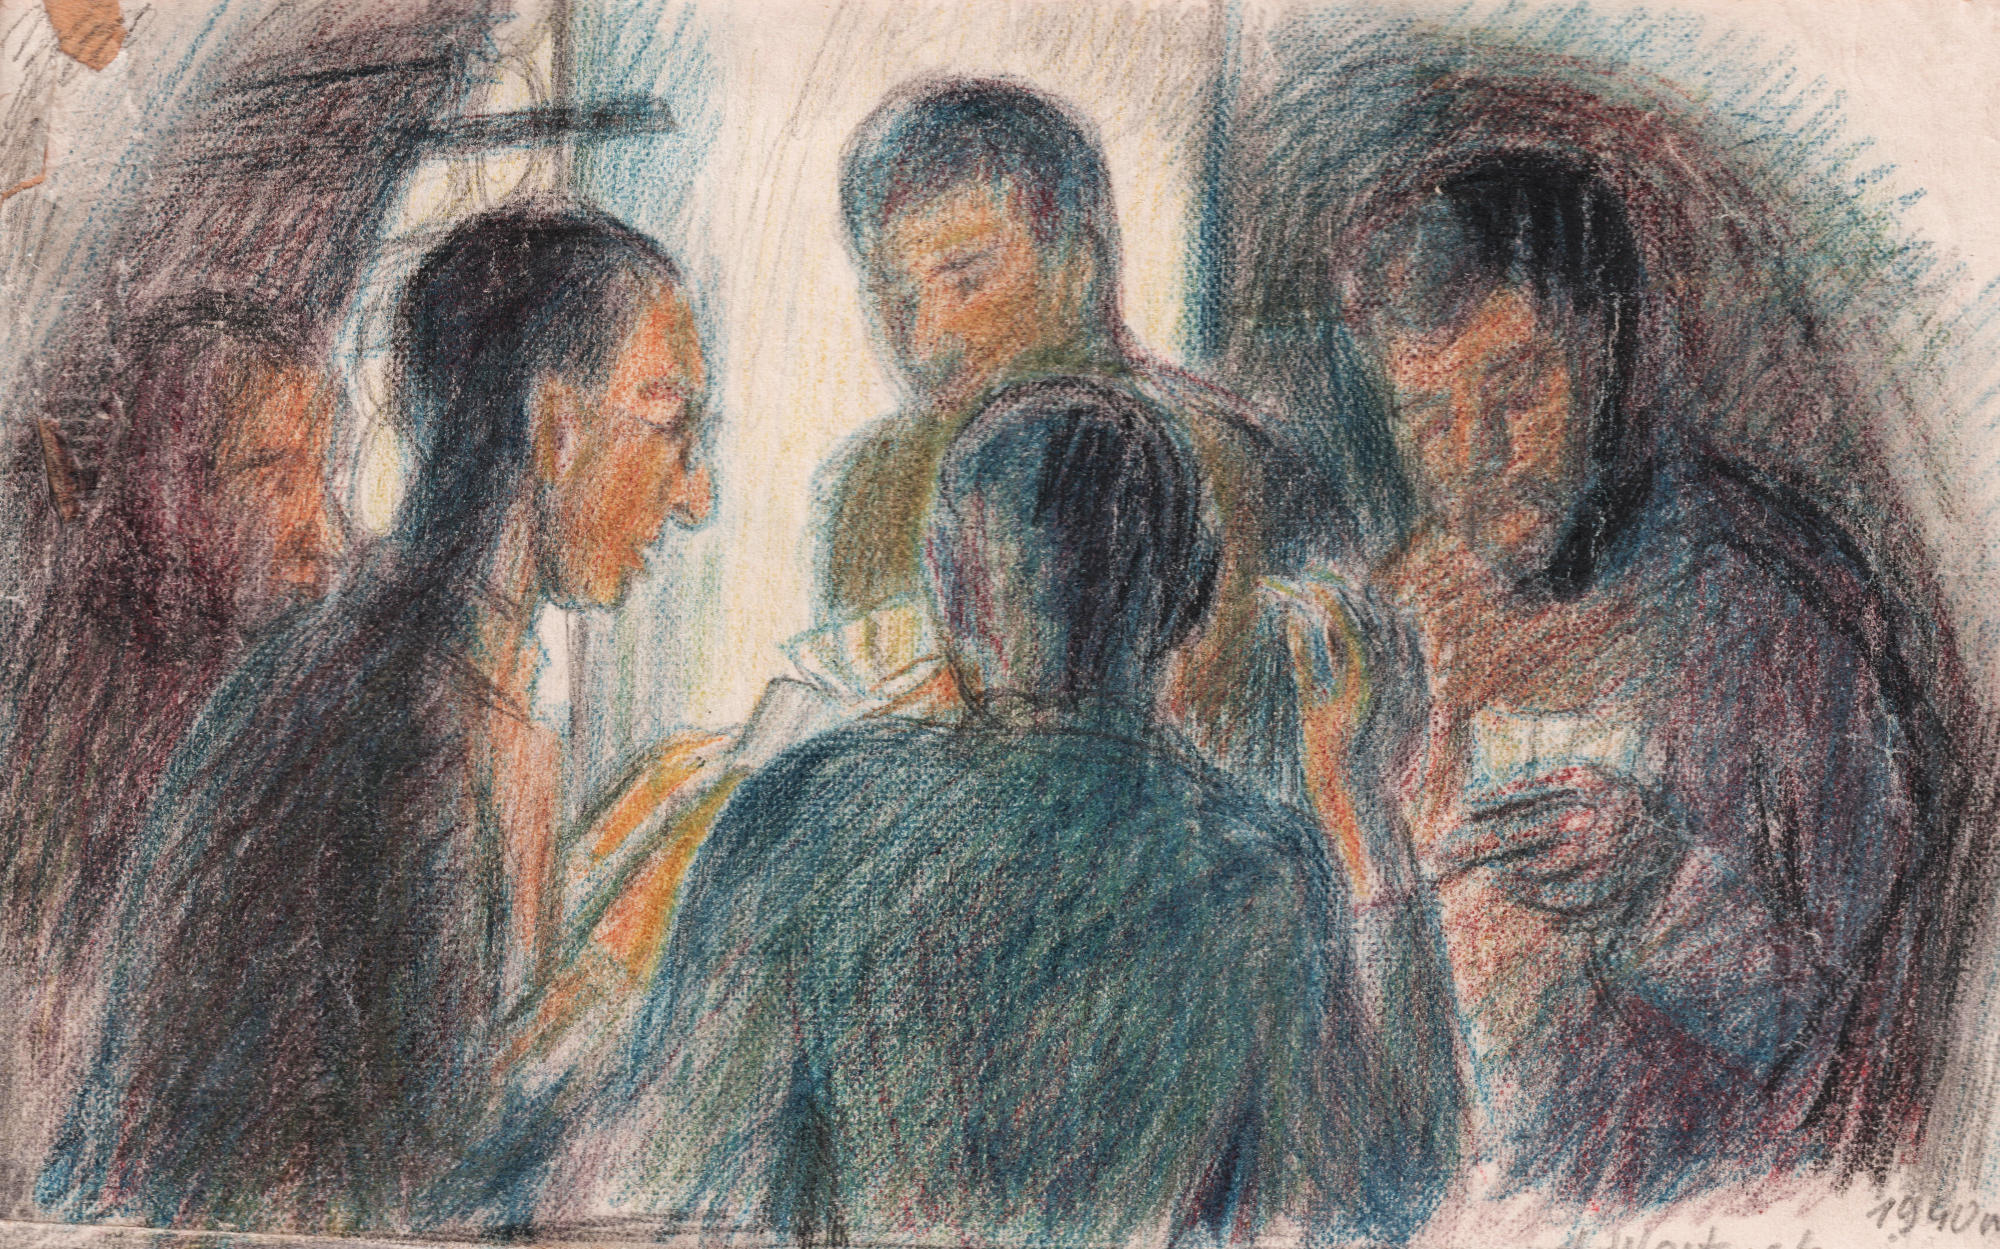 Rysunek przedstawiający jeńców grających wkarty. Stanisław Westwalewicz, Portret współjeńców, rys. kredkami, 1940